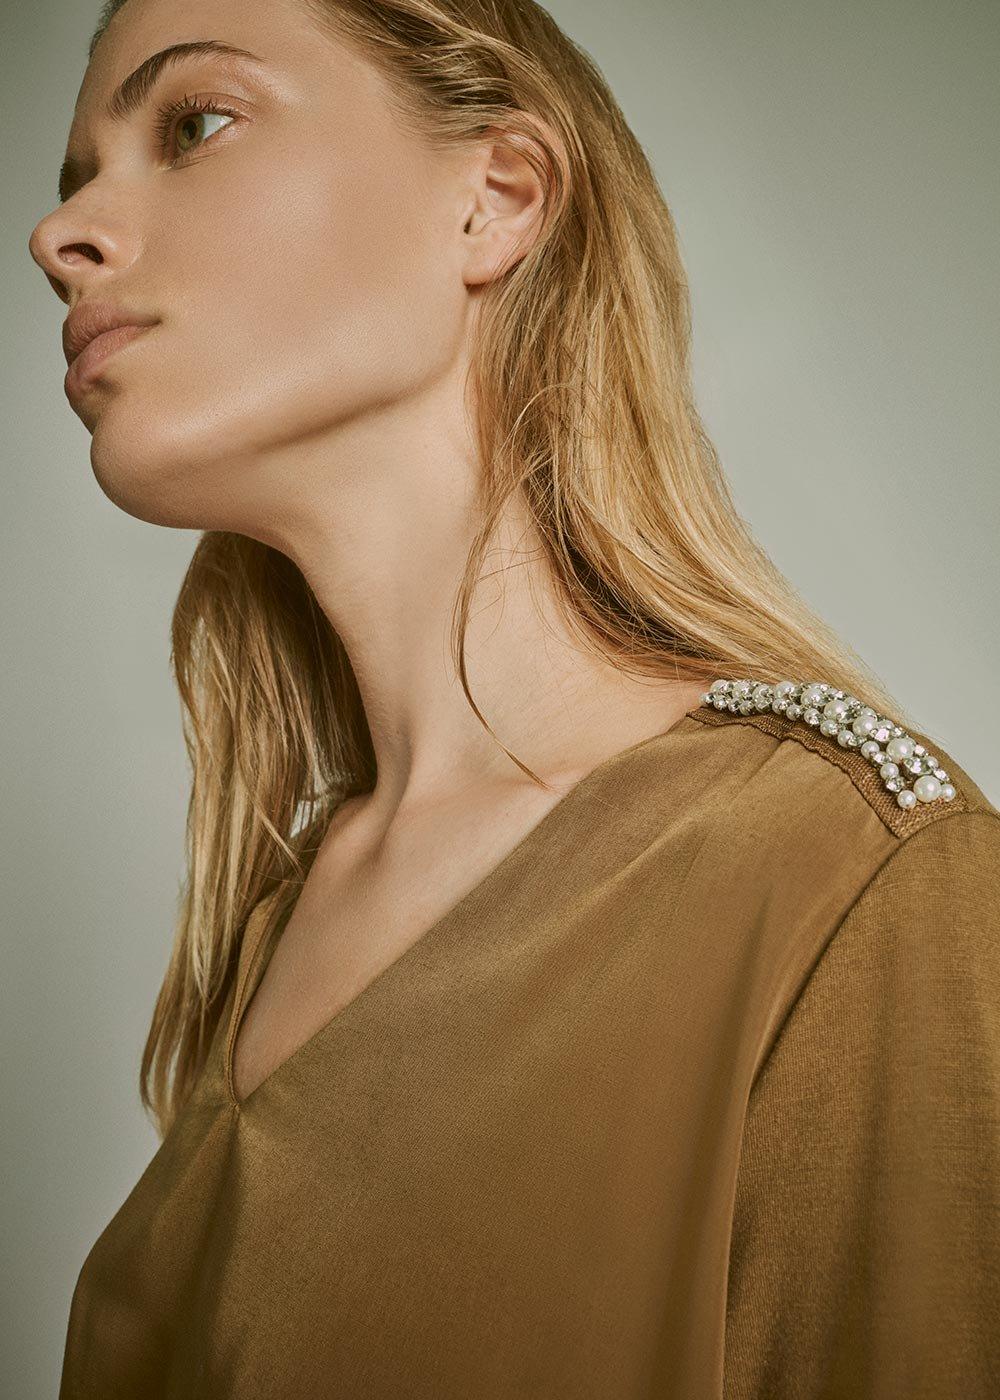 T-shirt Shery scollo a V con dettaglio cristalli sulla spalla - Bronzo - Donna